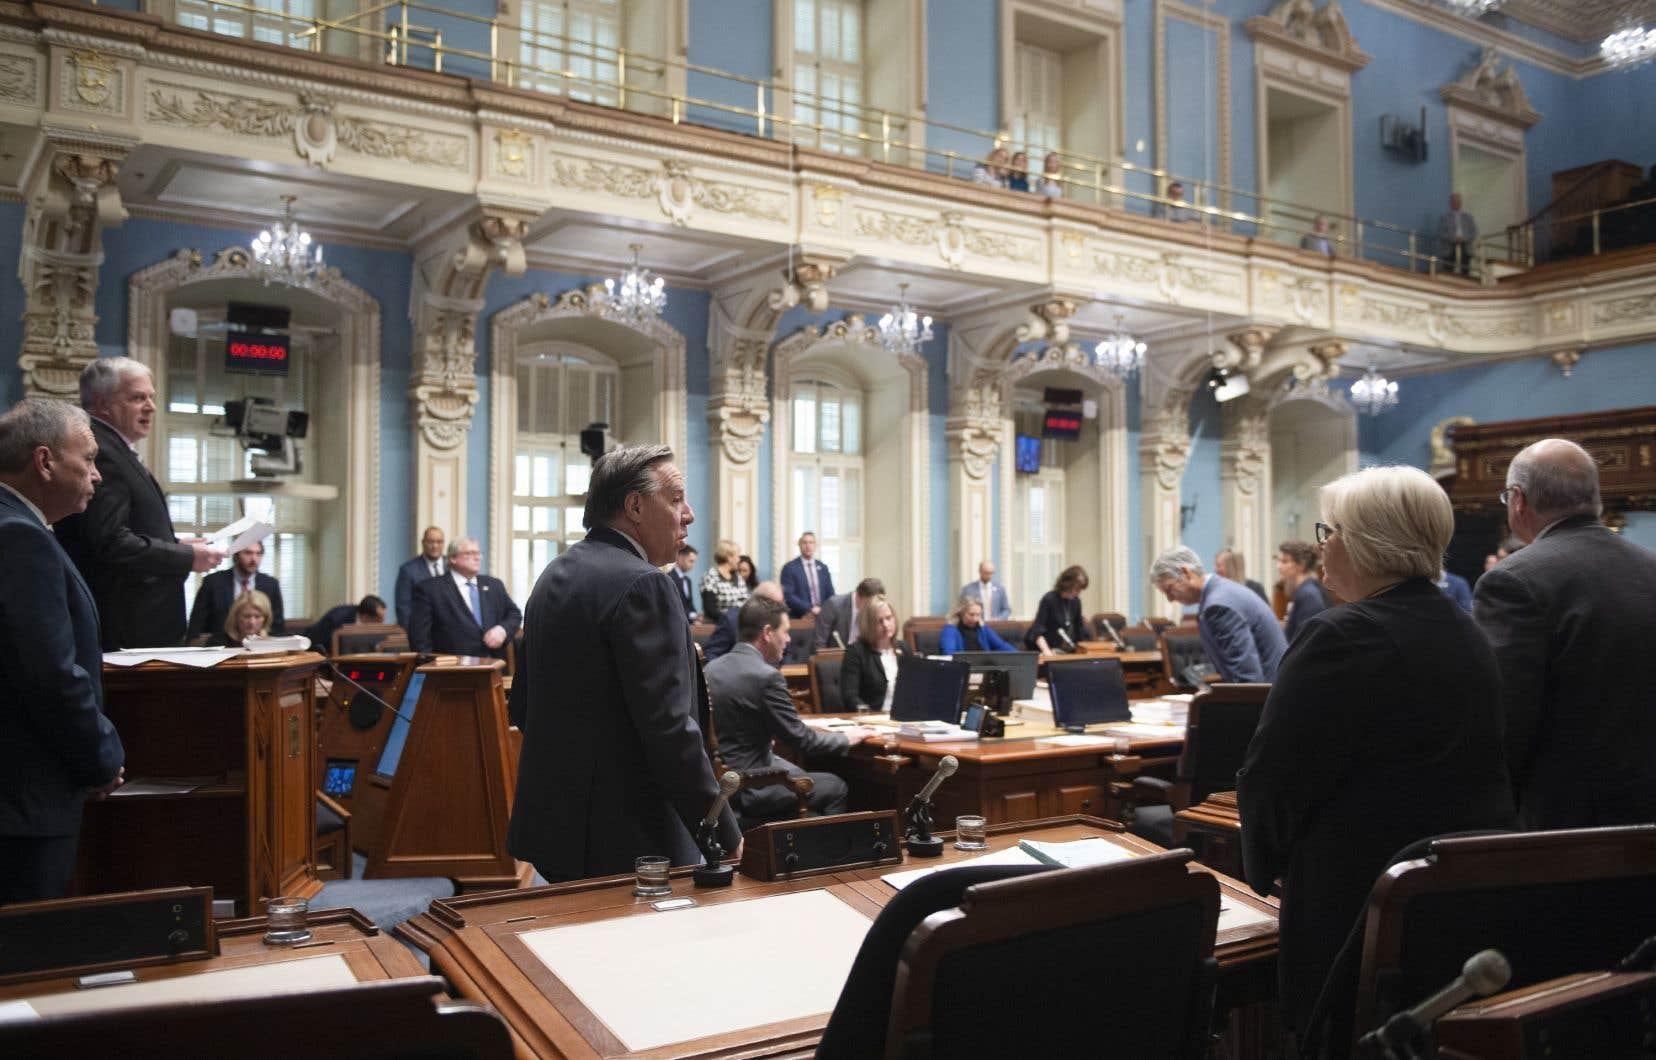 Les élus québécois siégeront jusqu'à tard en soirée samedi, car le gouvernement caquiste a choisi d'imposer le bâillon et forcer l'adoption expéditive du projet de loi 34.